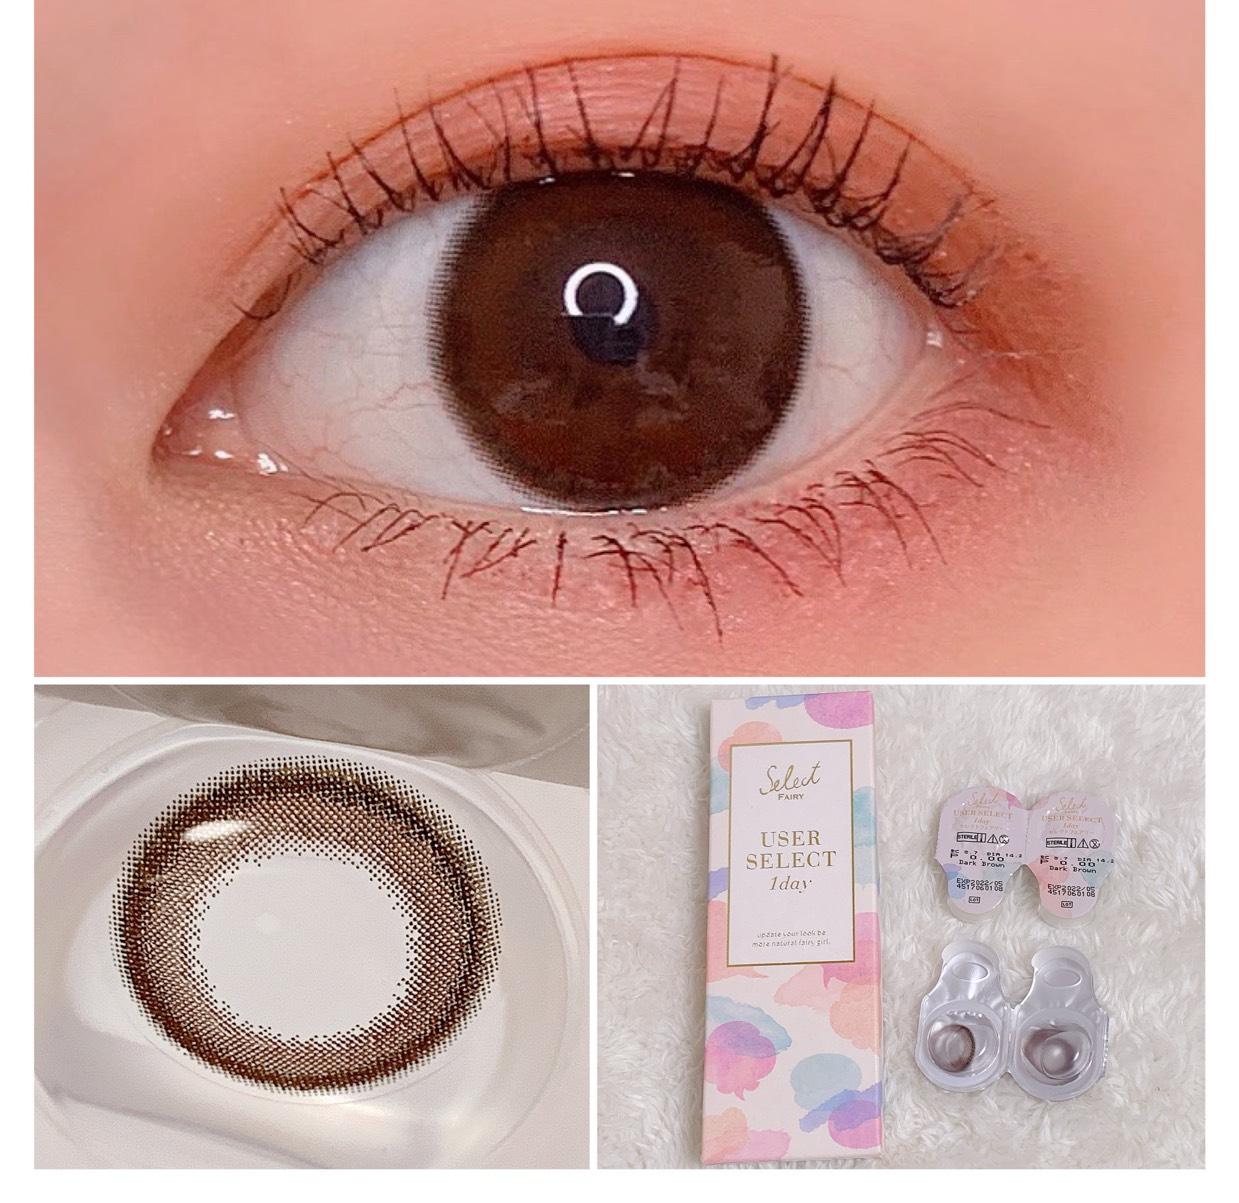 使用するカラコンは 「USER SELECT 1day」 Color:ダークブラウン  裸眼との馴染みがすごい! ズレもなく自然でナチュラルに盛れる◎